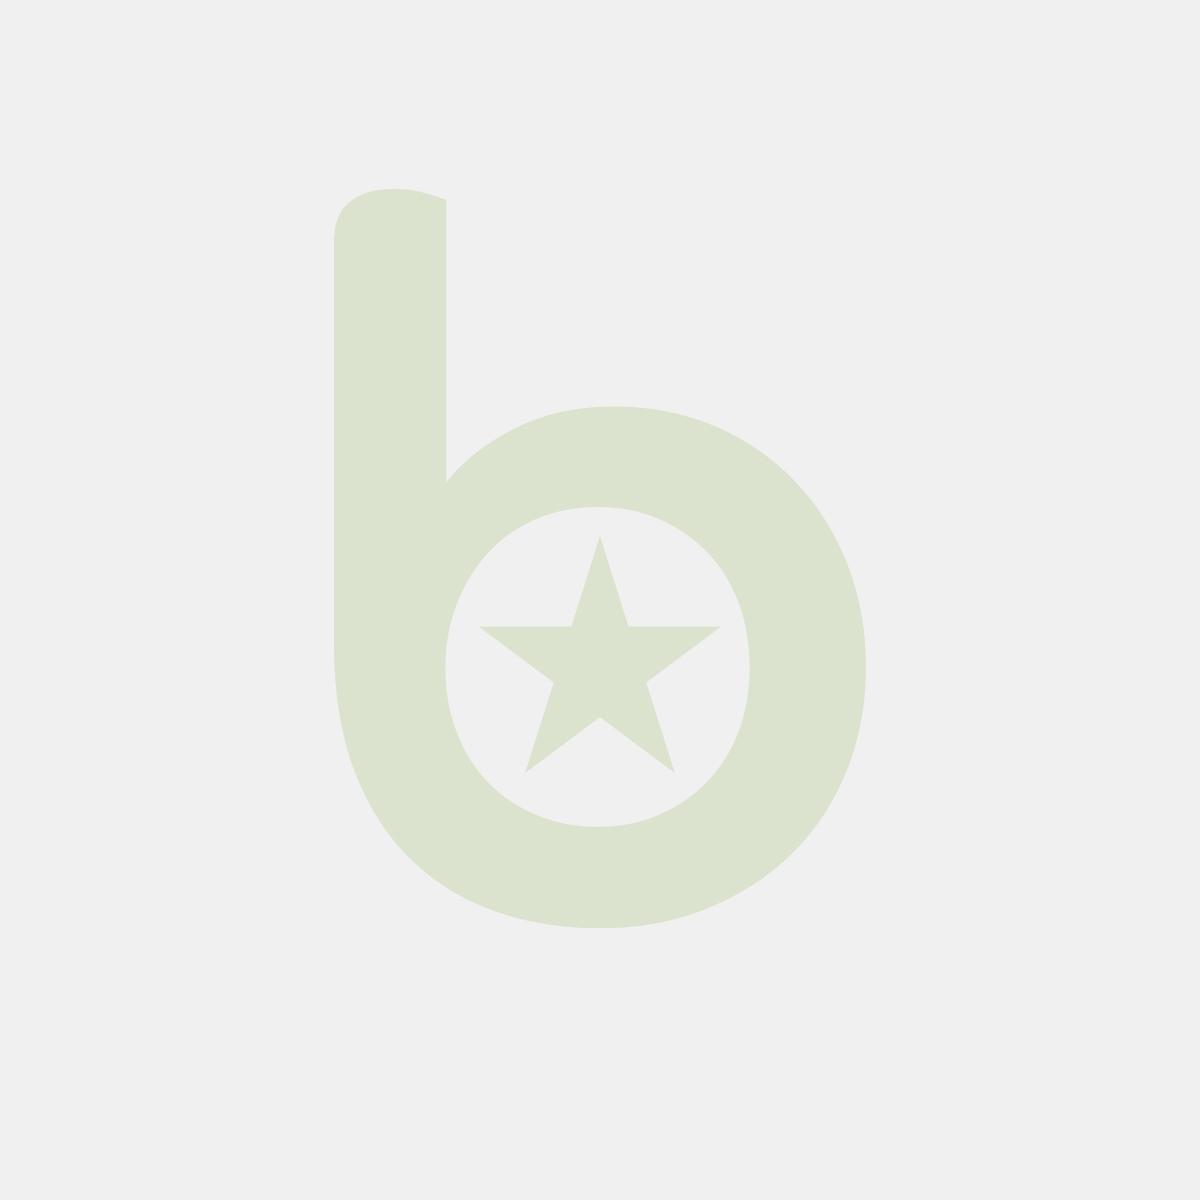 FINGERFOOD - kubek DIAMANTE 120ml, transparentny 6,3x6,3xh.6,5cm op. 50 sztuk